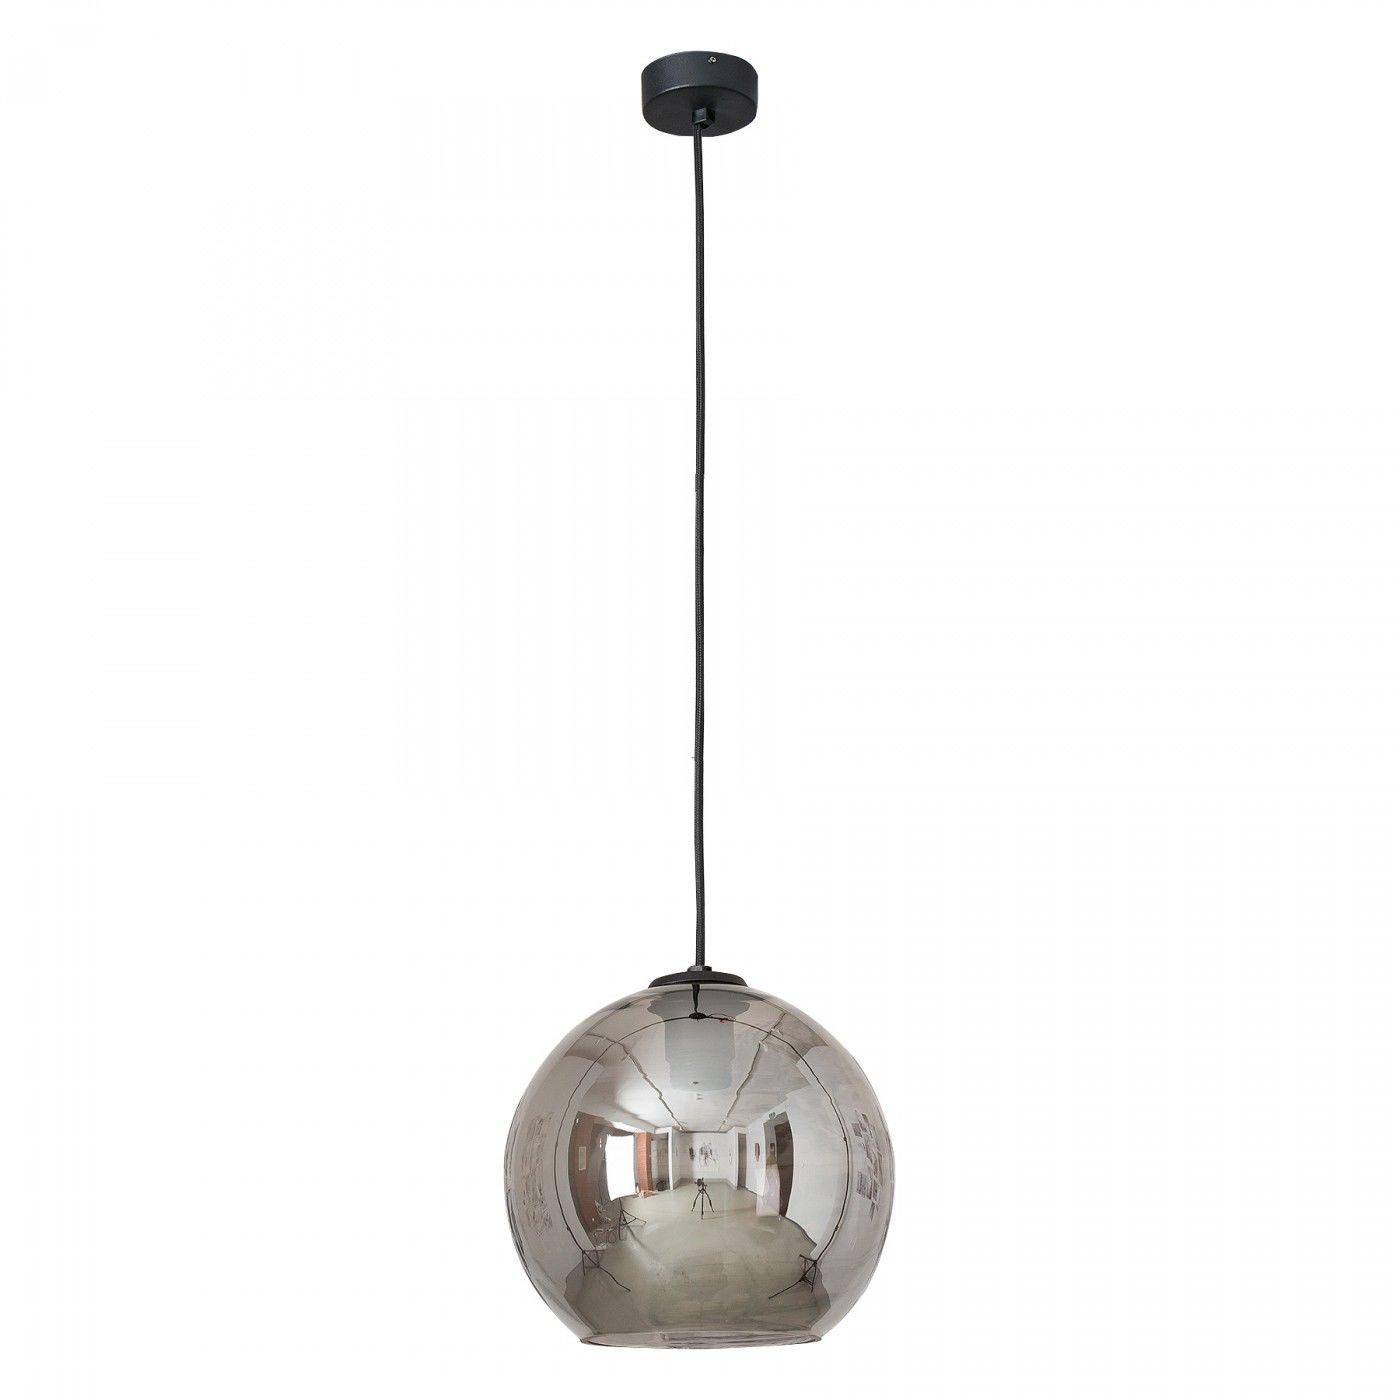 Lampa wisząca Polaris 9060 Nowodvorski Lighting dymiona oprawa w kształcie kuli